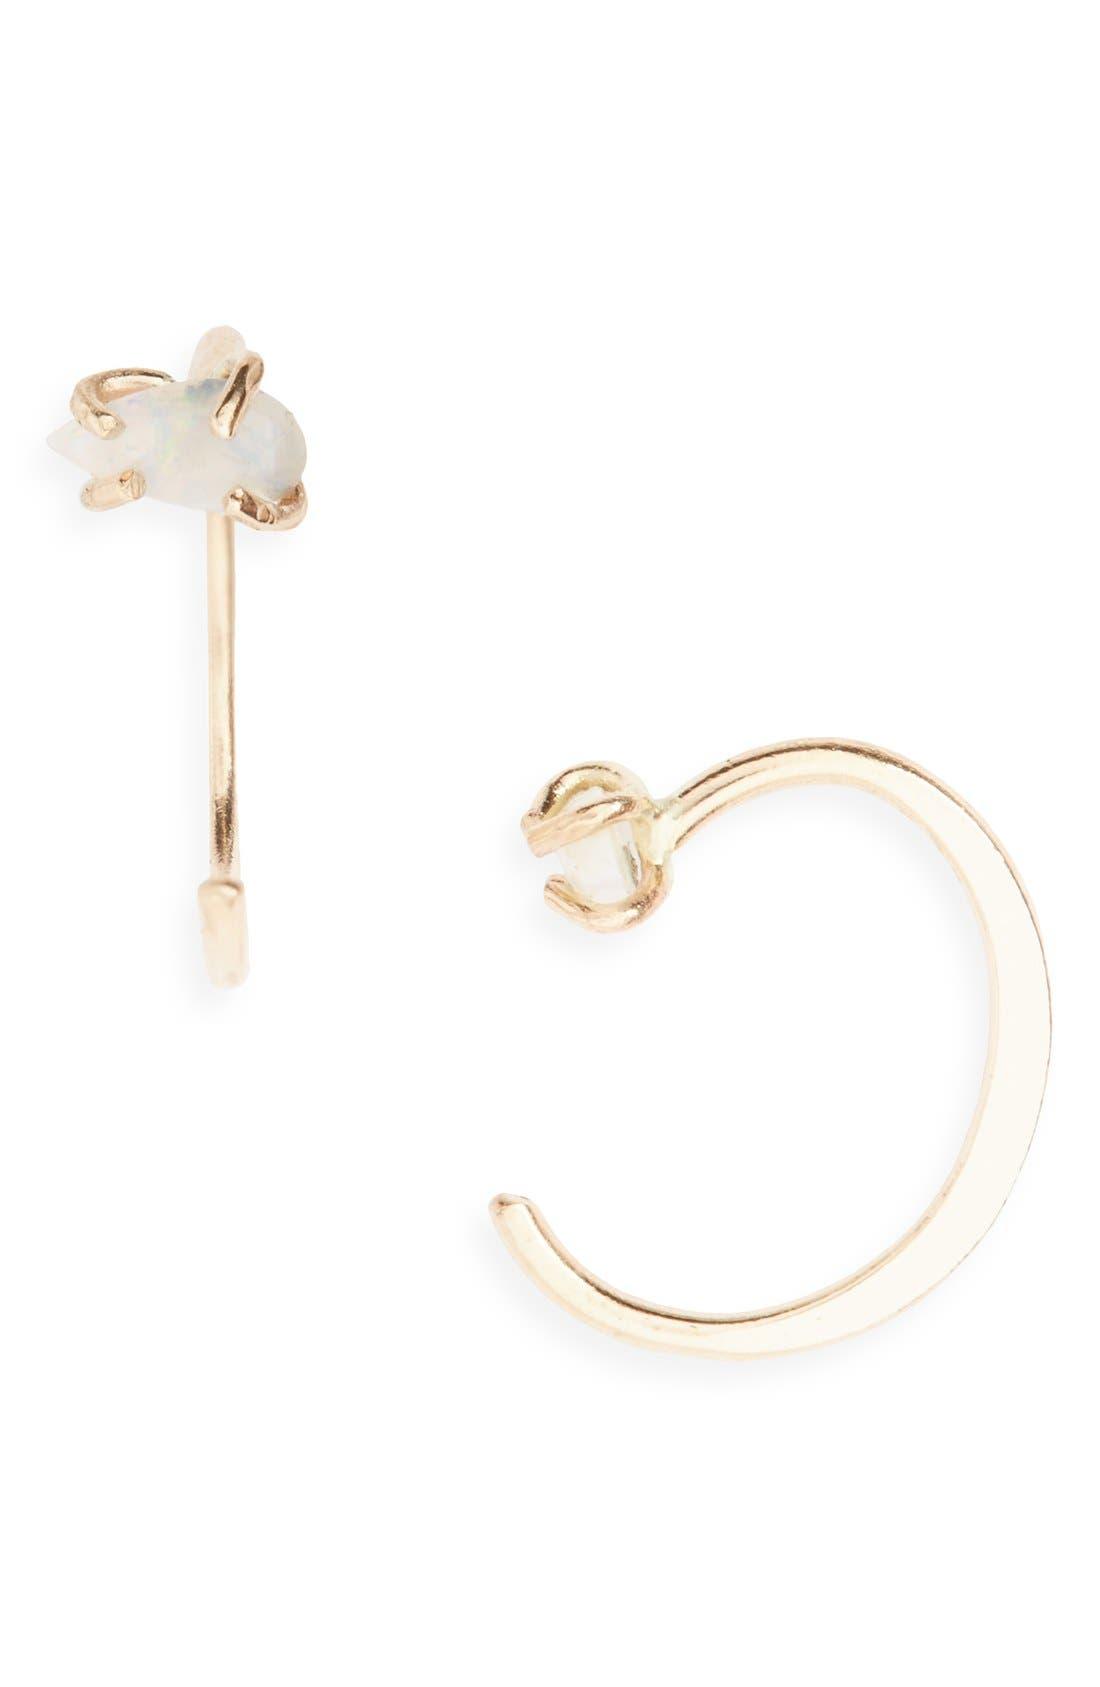 Opal Hug Hoop Earrings,                             Main thumbnail 1, color,                             Yellow Gold/ Opal